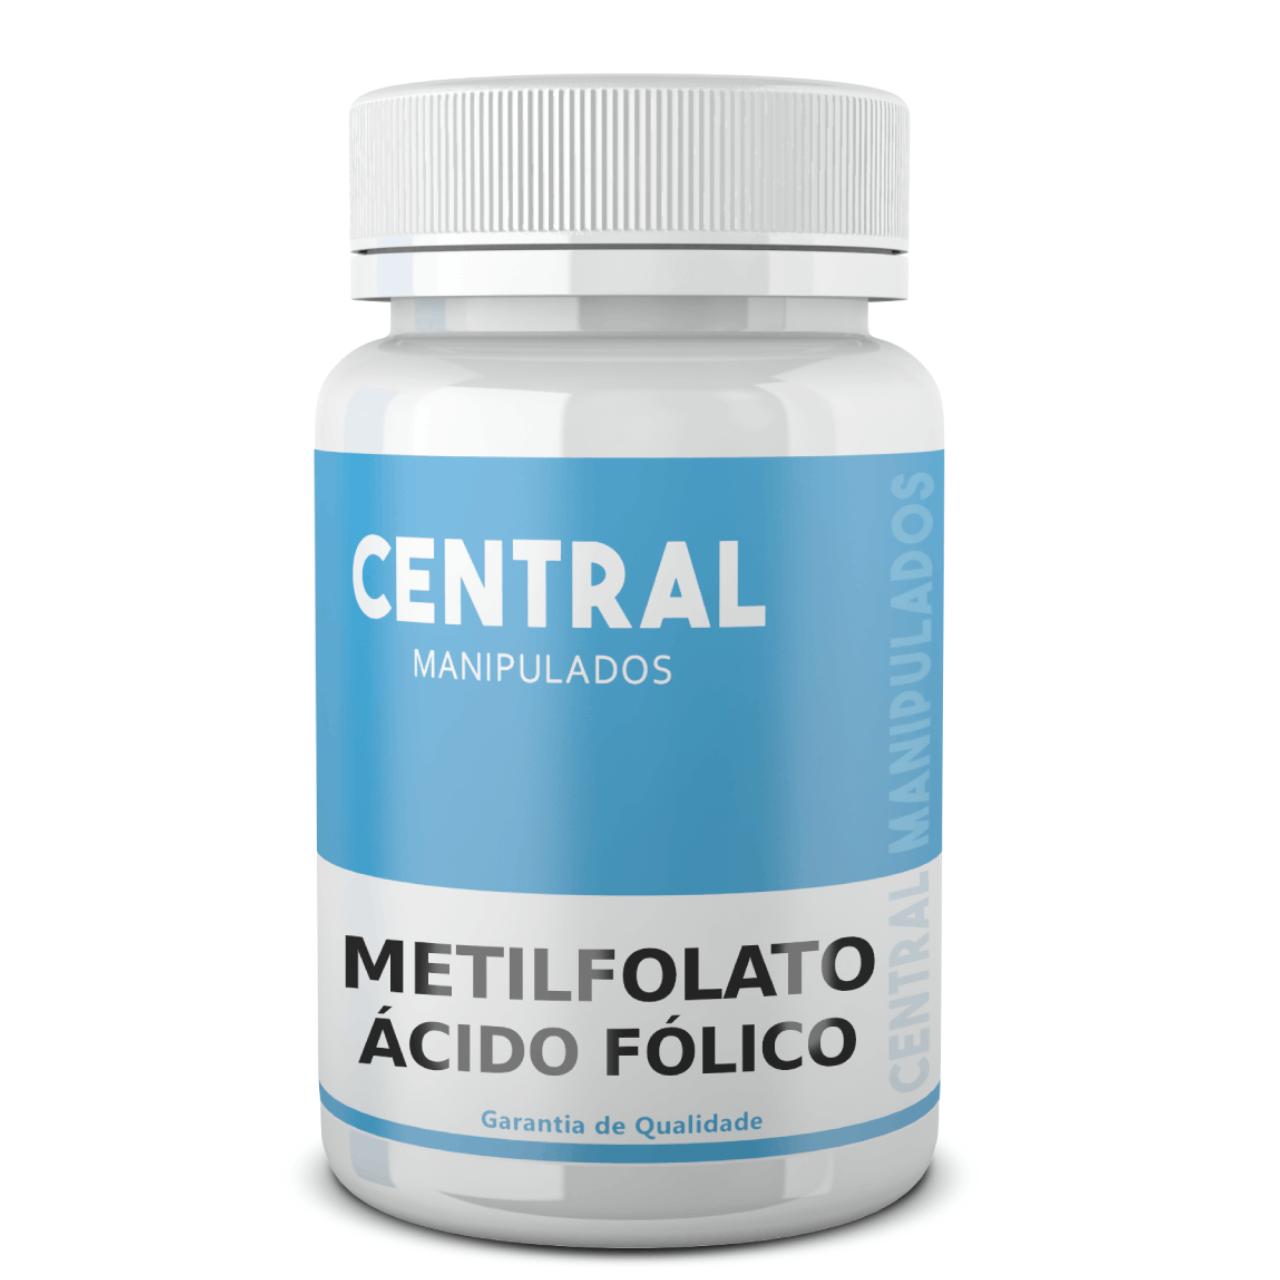 Metilfolato 500 mcg - 60 cápsulas - FORMA ATIVO DO ÁCIDO FÓLICO